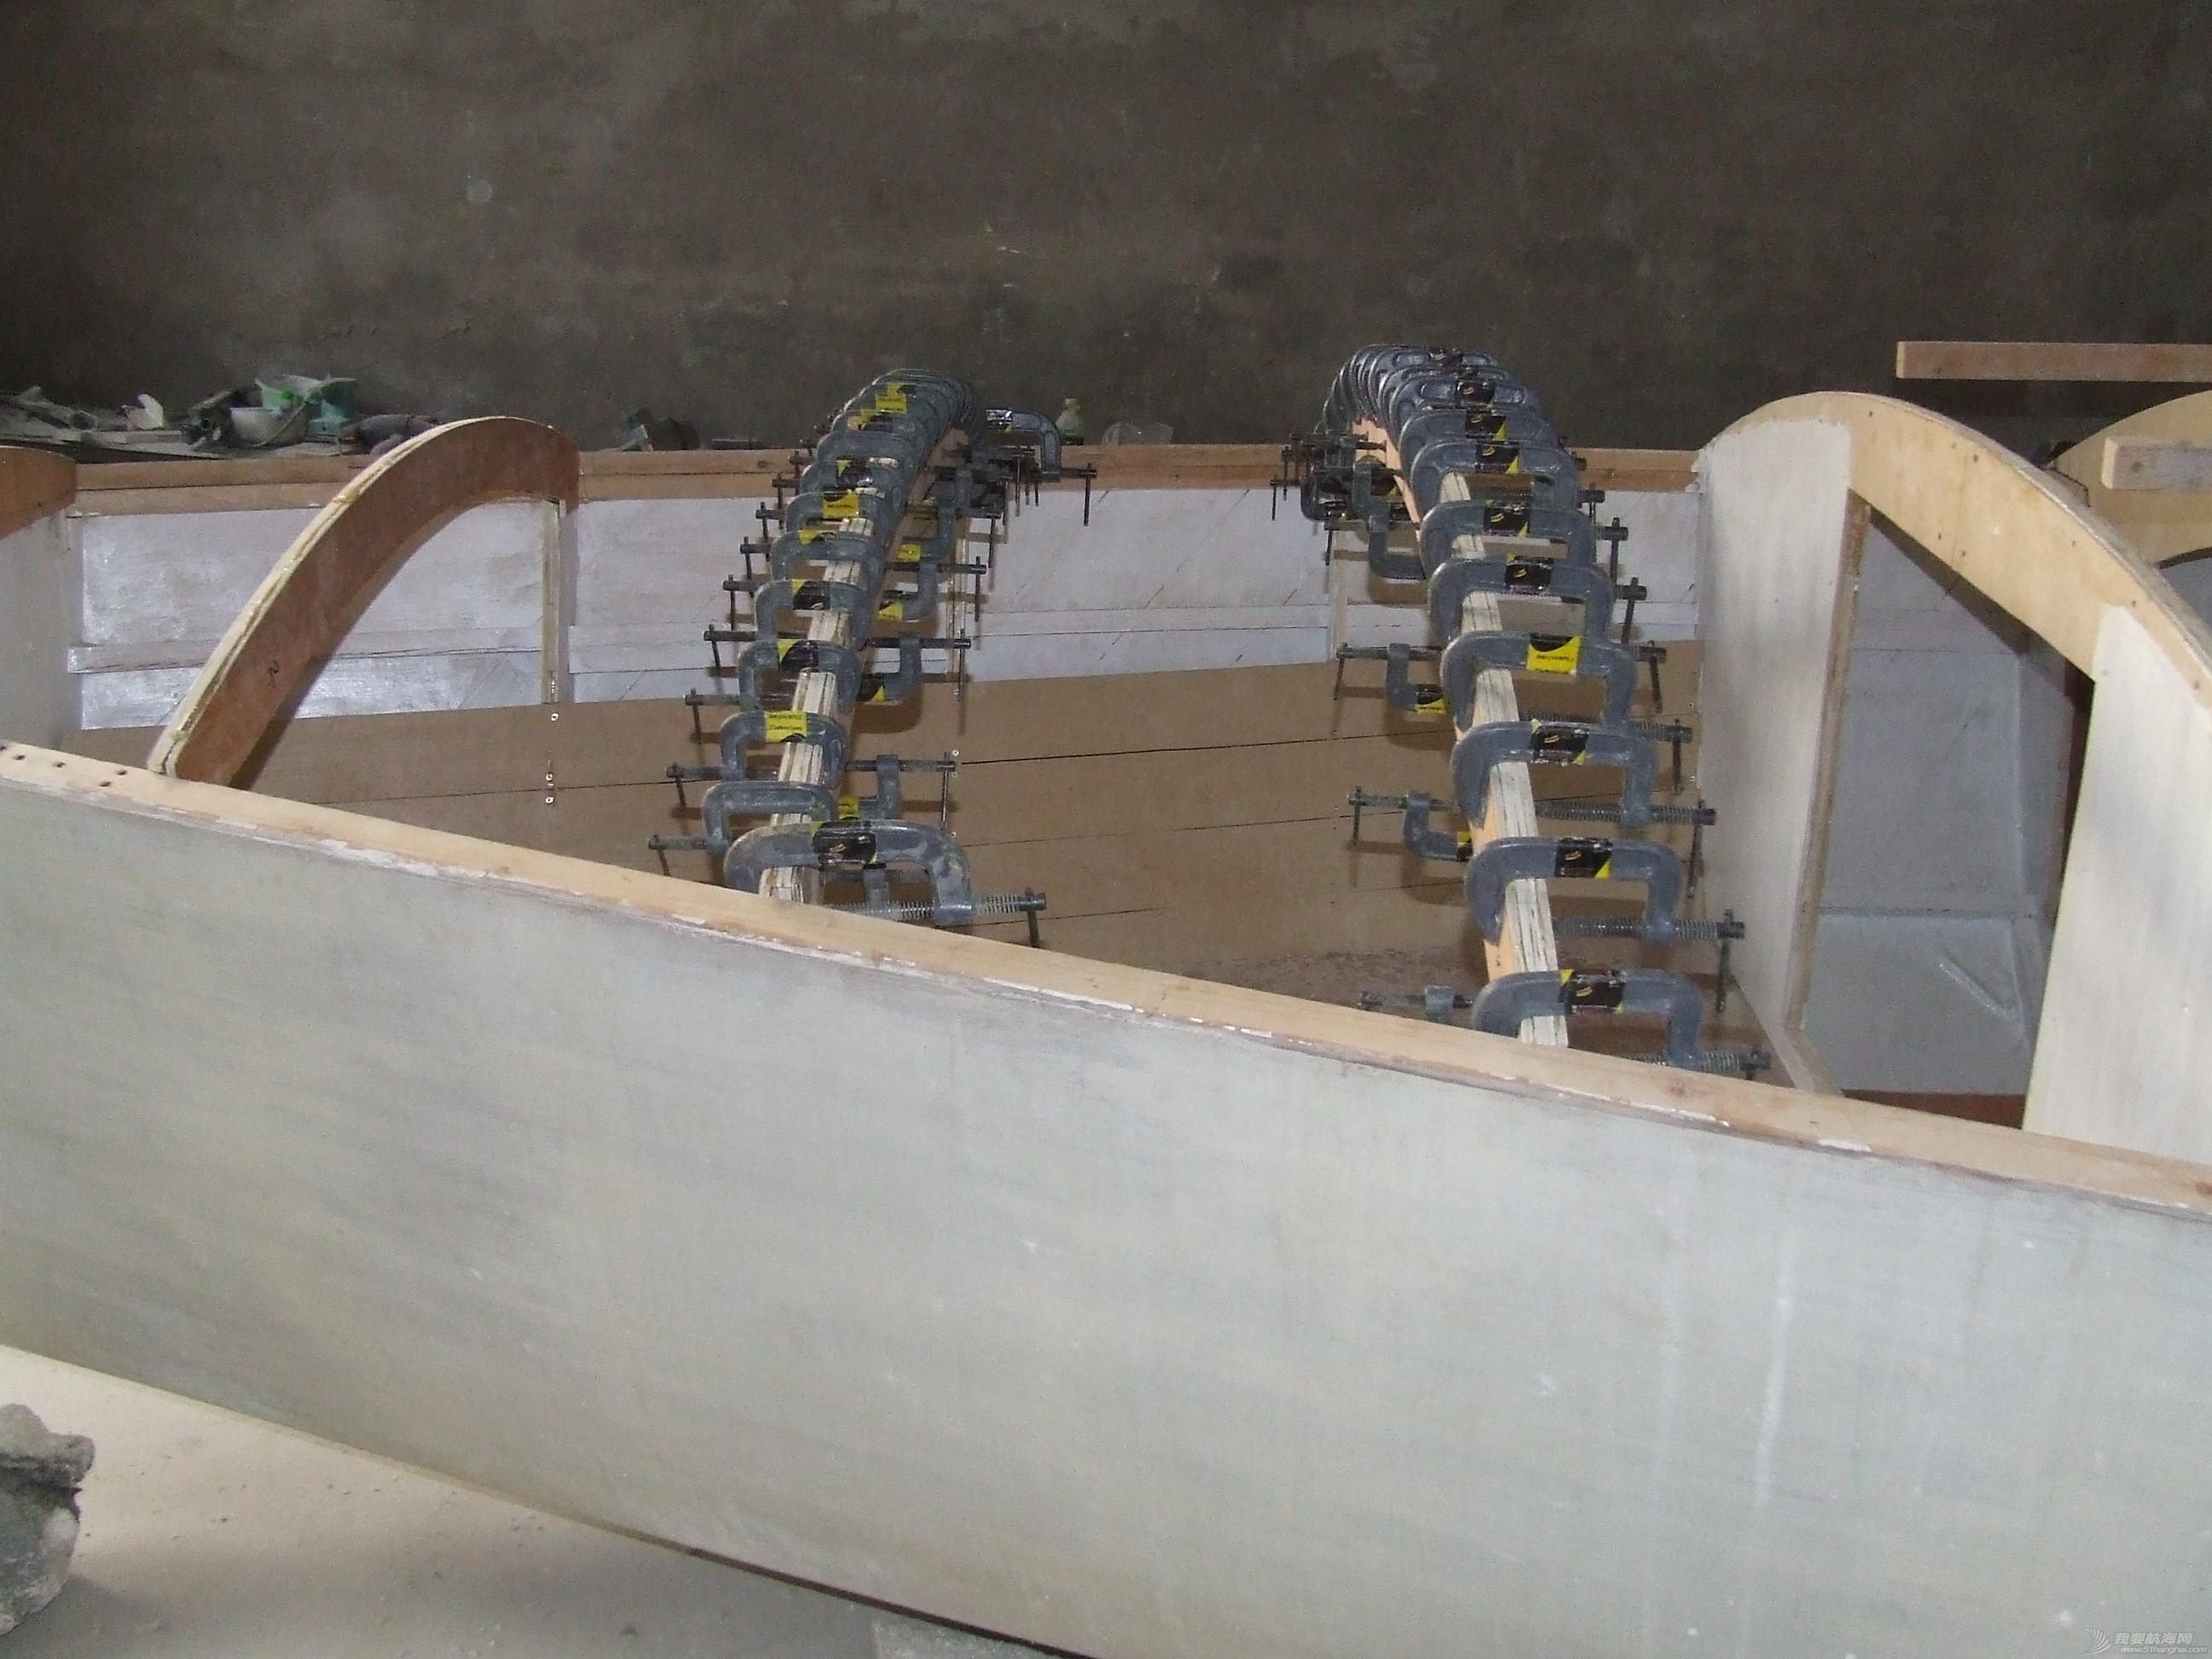 制作 GR-750开始进入甲板制作阶段 DSCF5737.JPG